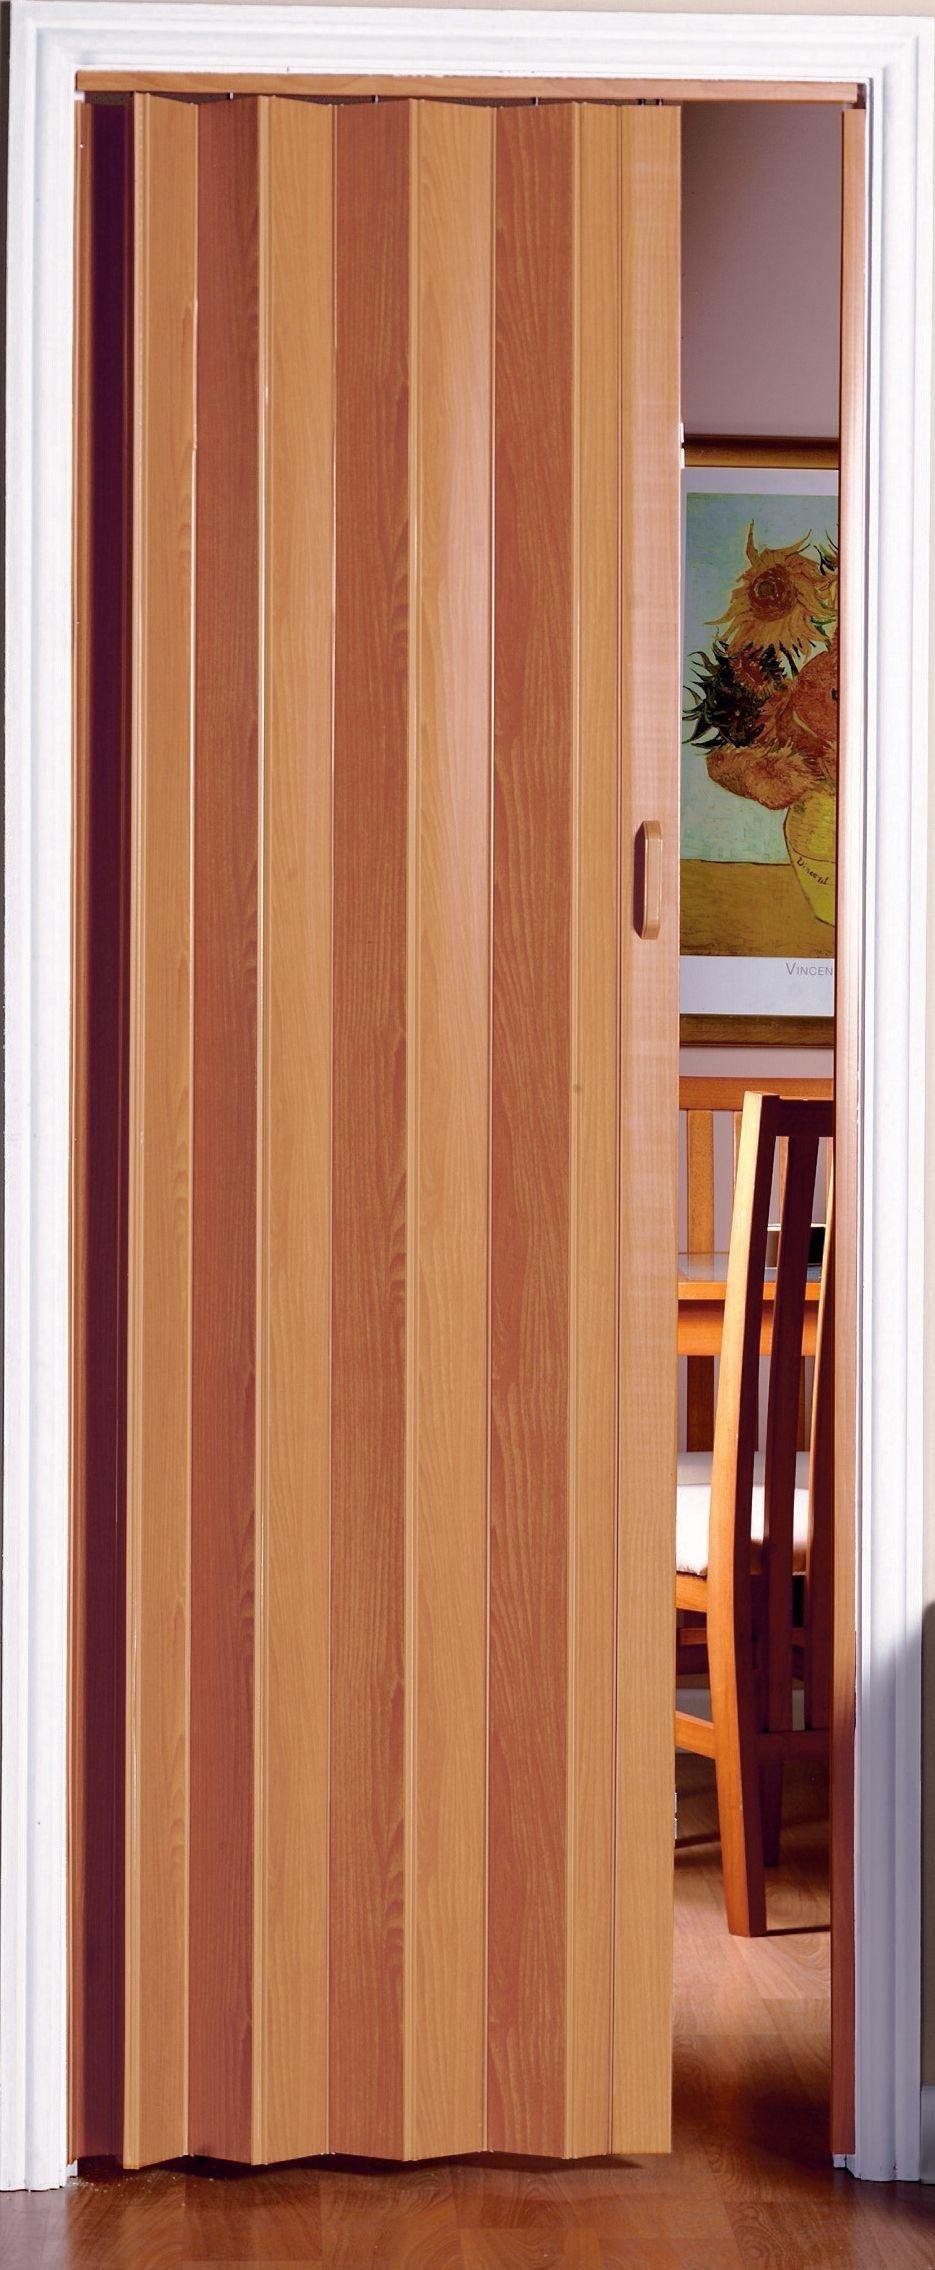 Antique Pine Effect Double Skin Door  sc 1 st  Argos & Buy White Oak Effect Folding Door | Doors | Argos